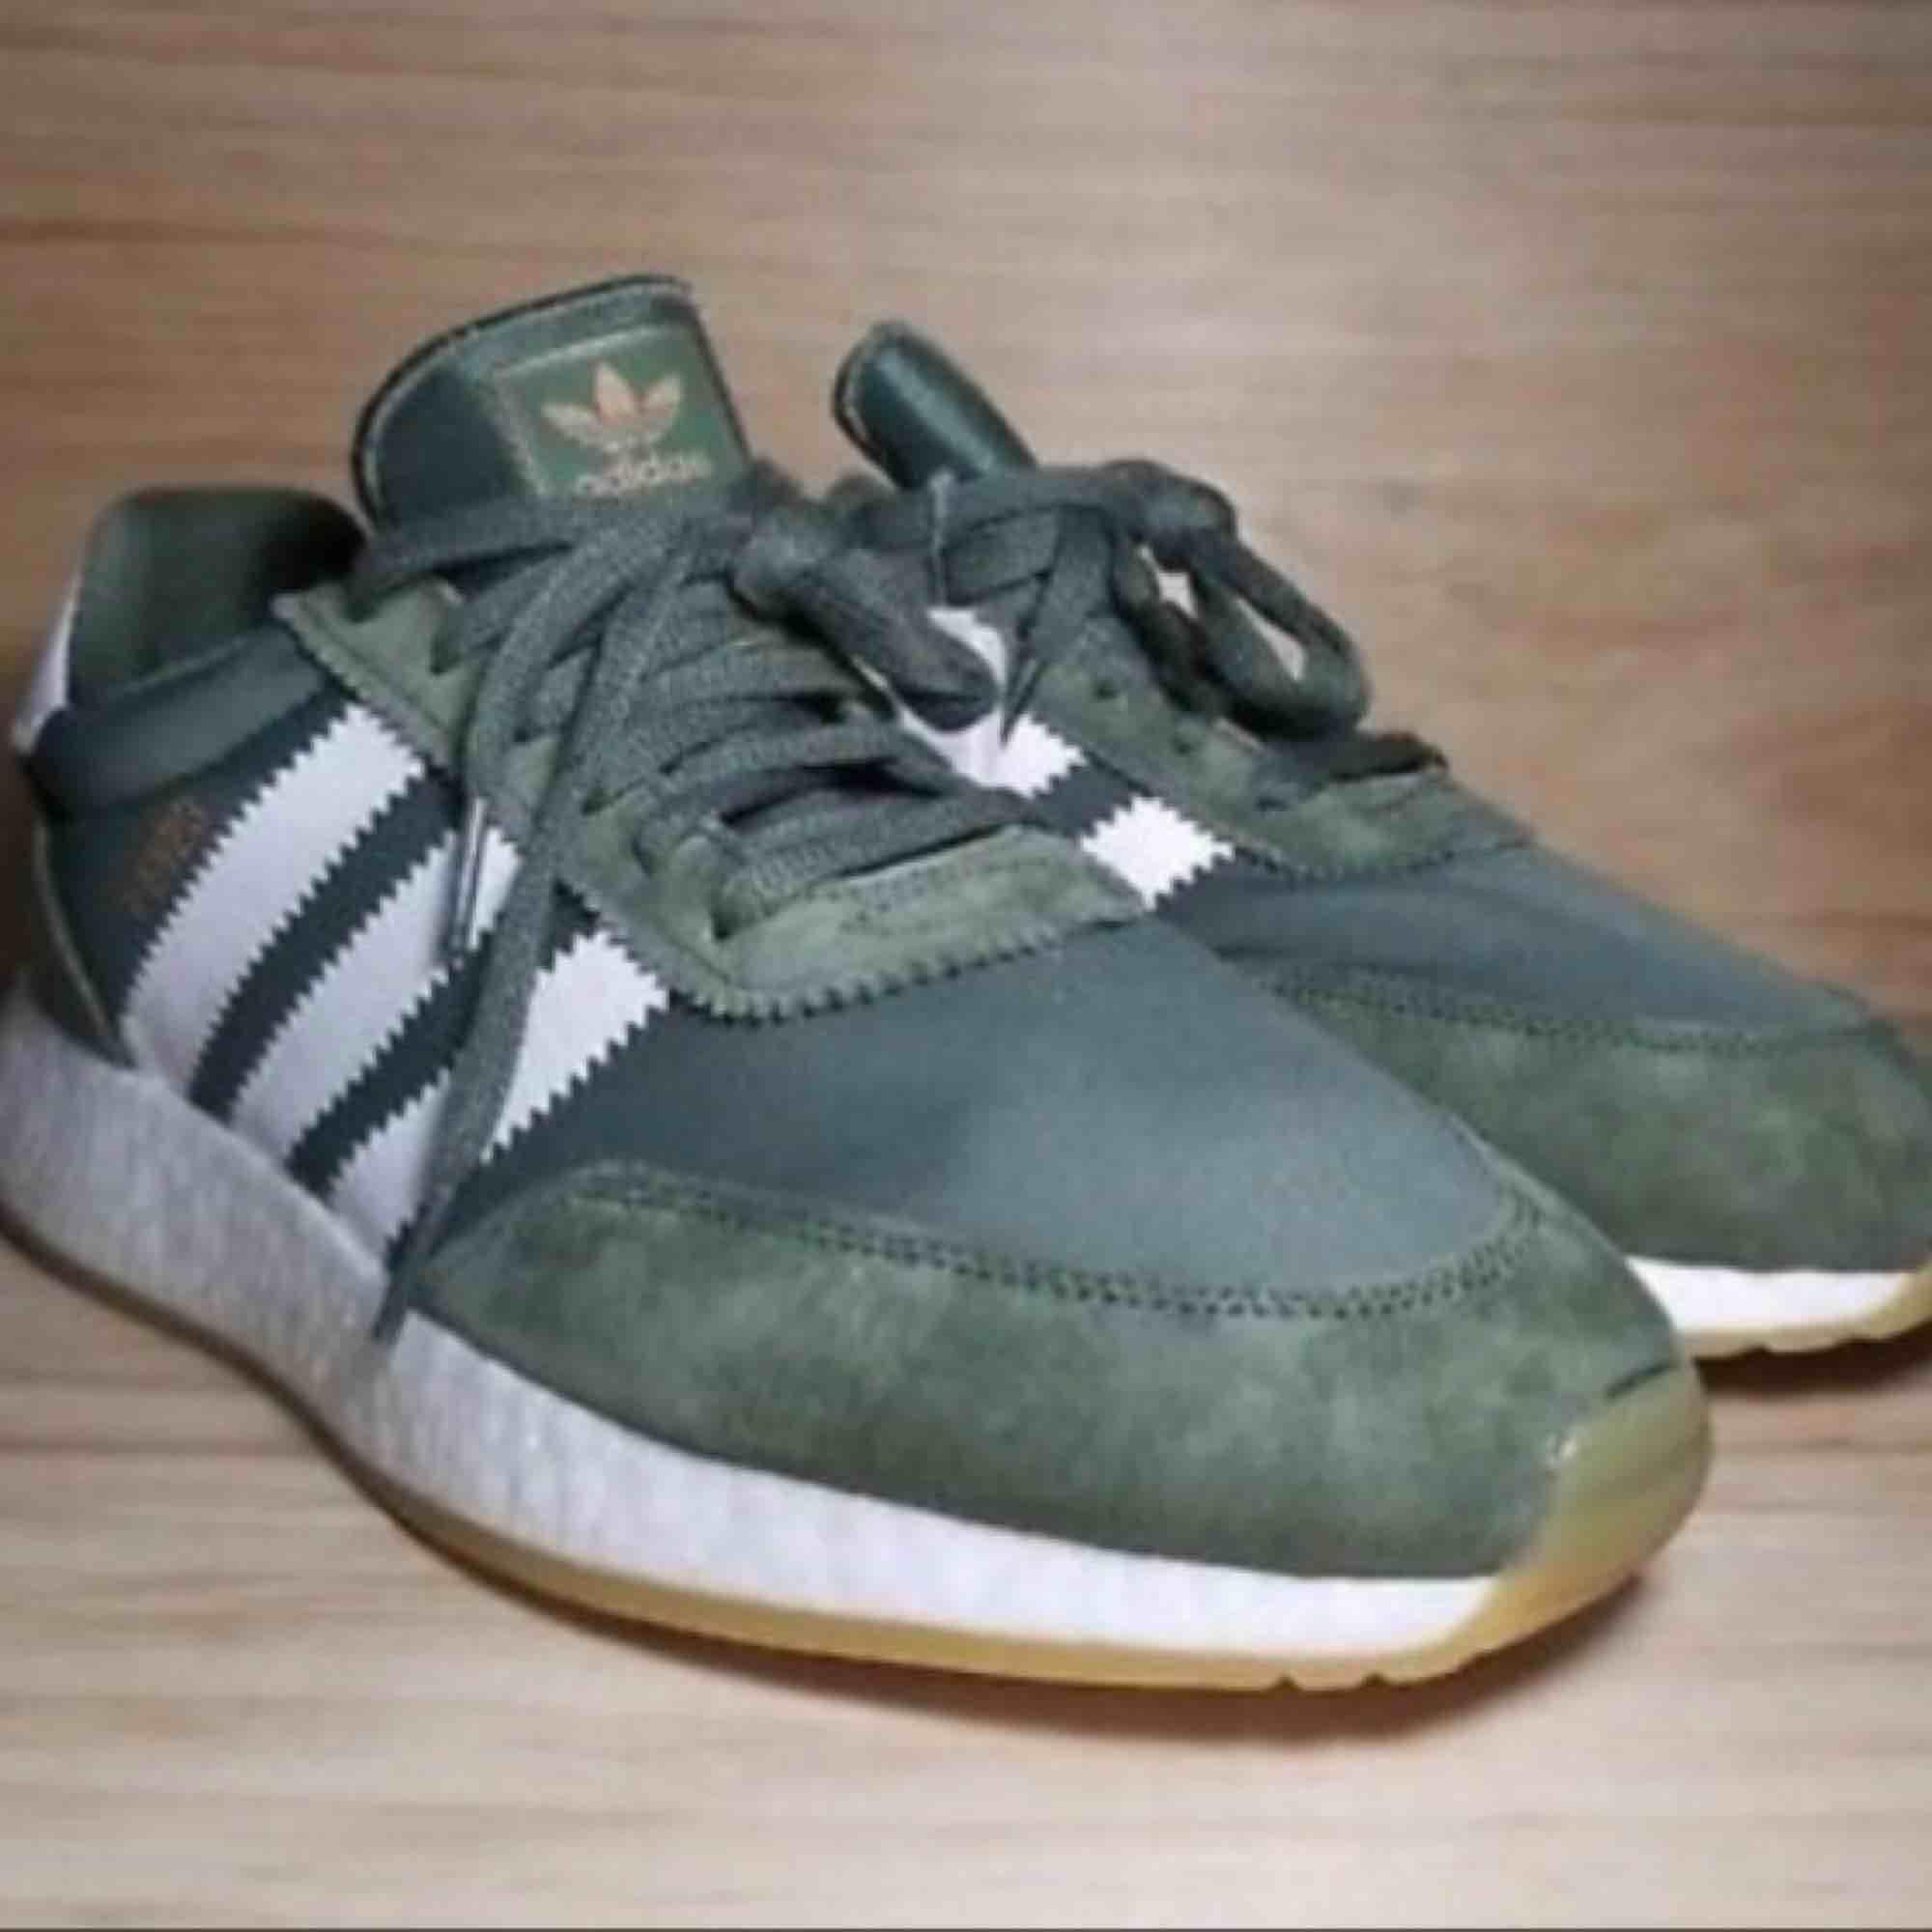 083e57e5dd0 Herrmodell. Adidas skor I-5923, stl 40. Fin grön färg i mocka